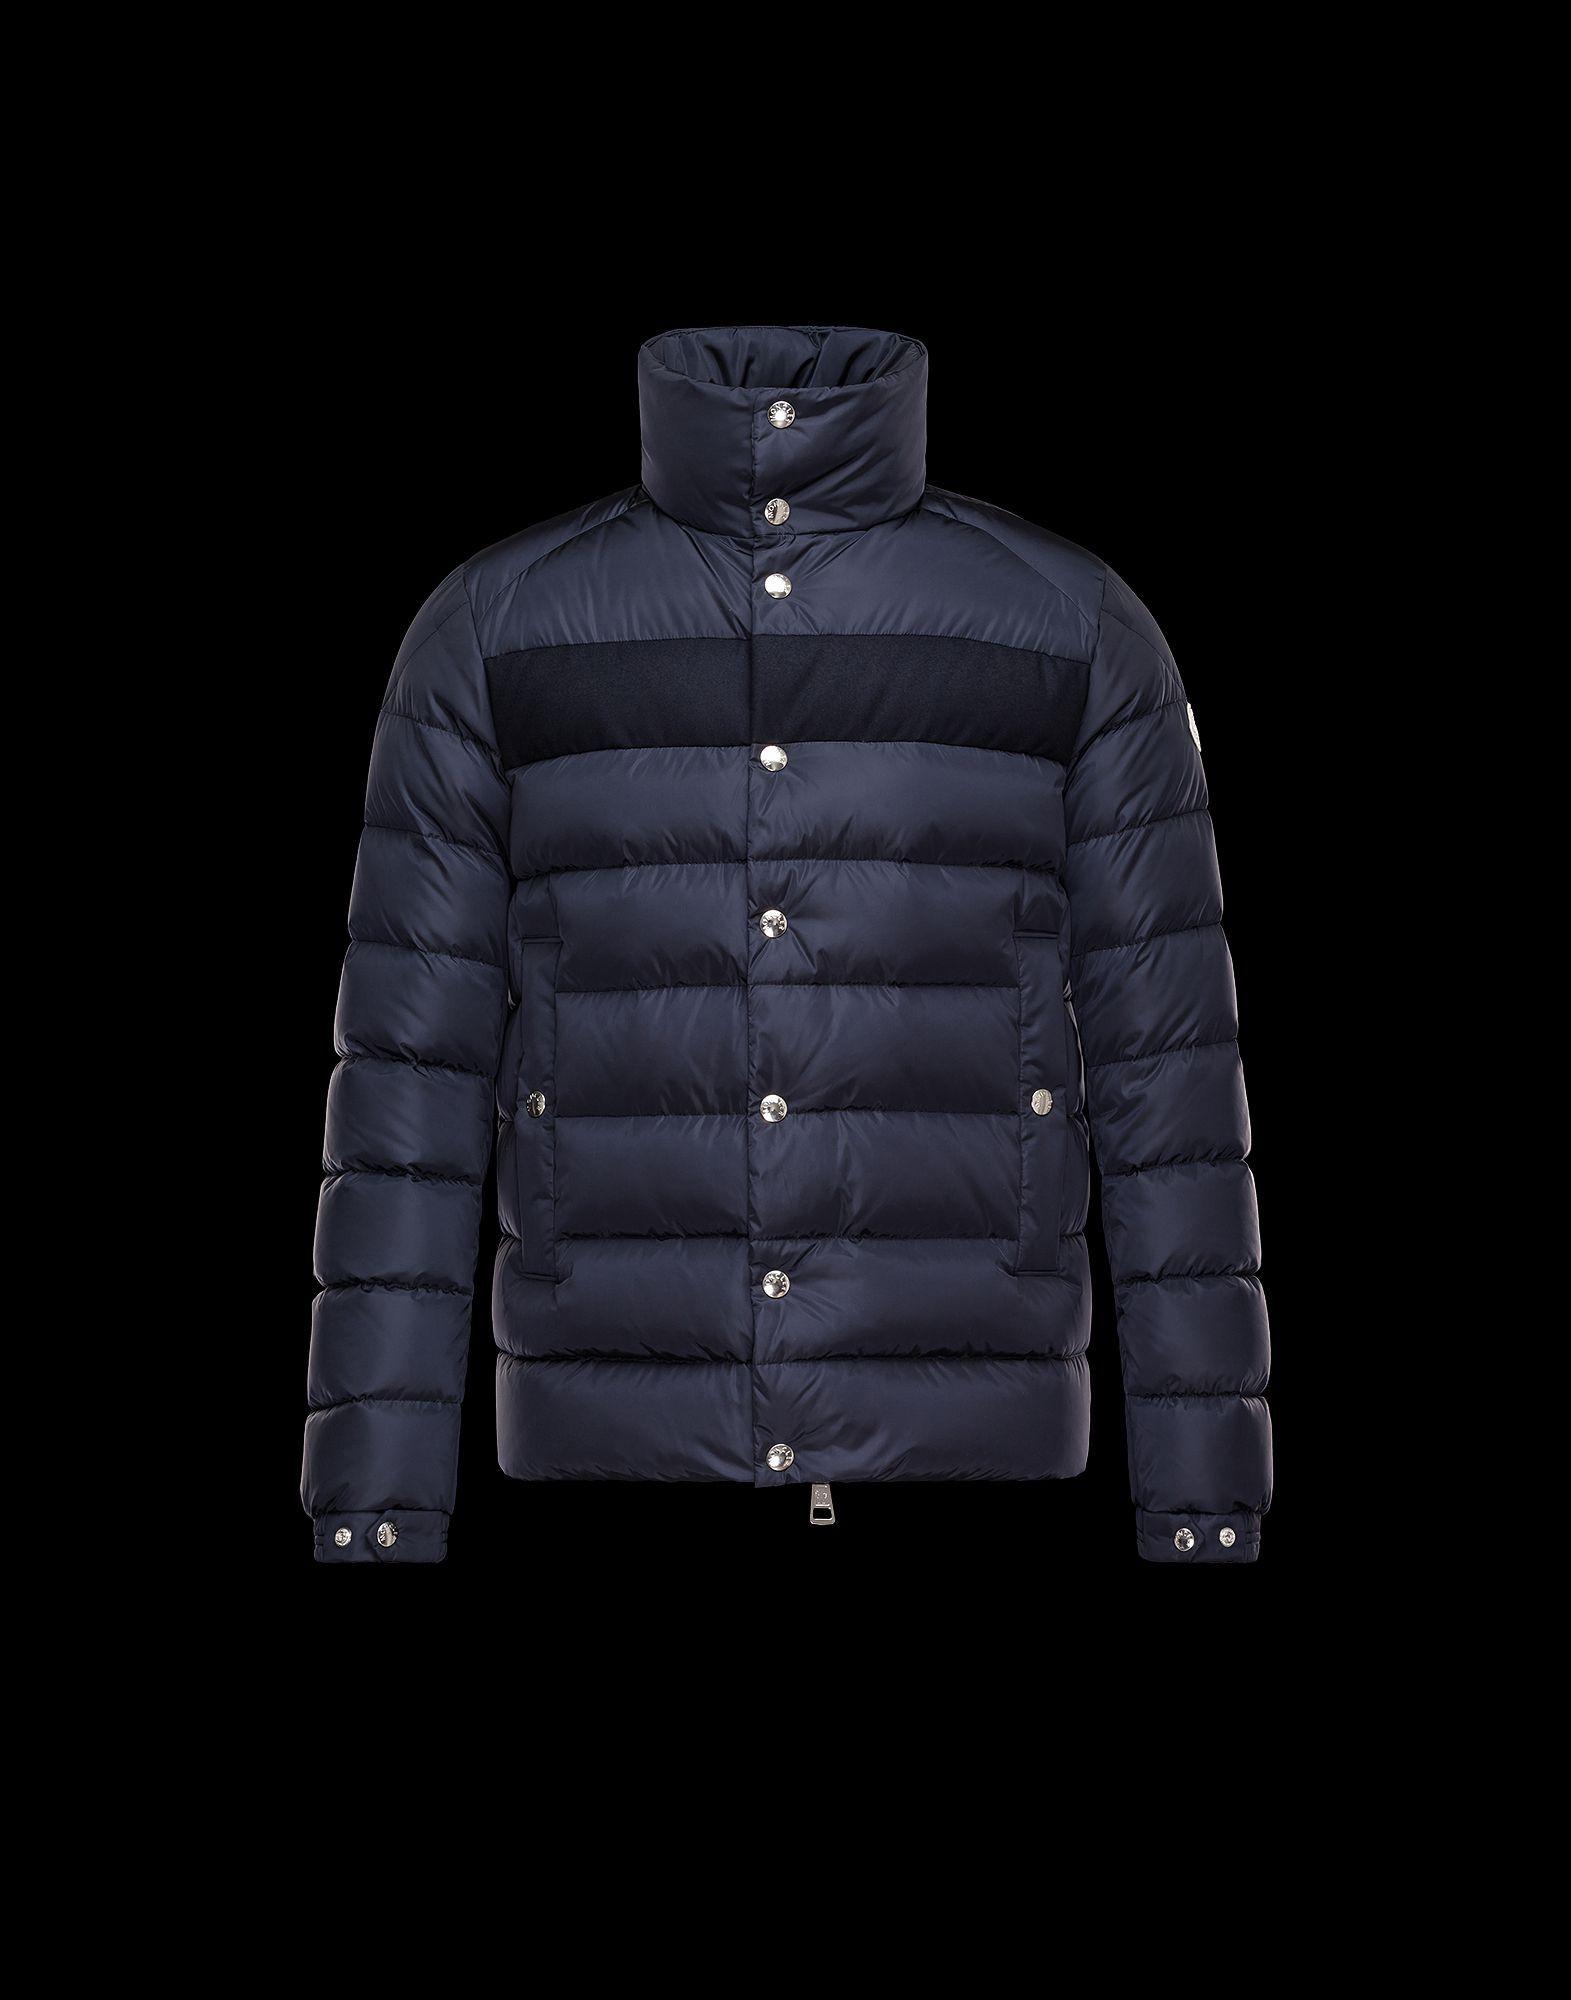 moncler mens xxl jacket